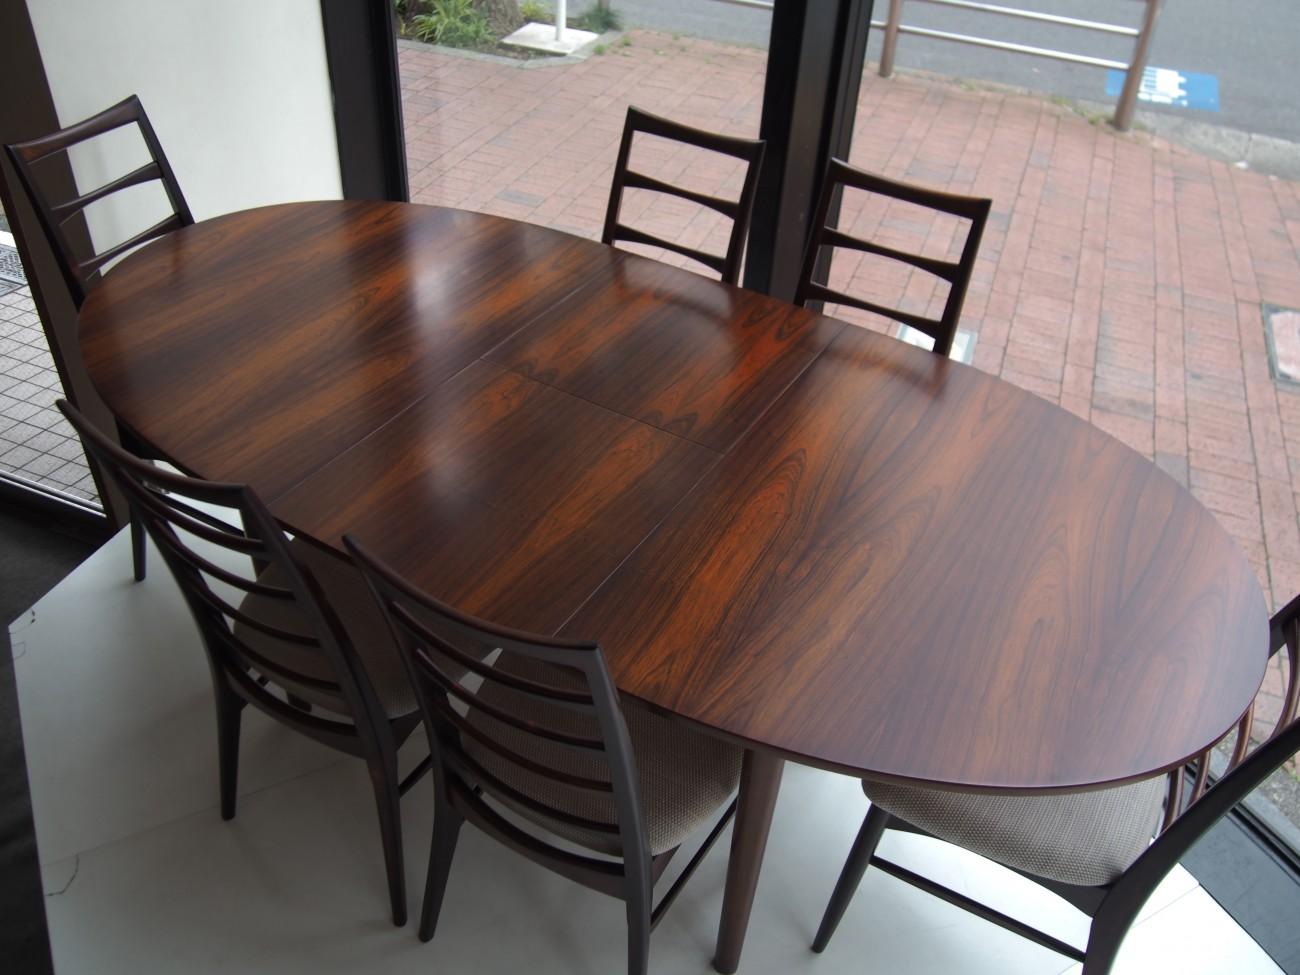 ニールス・コフォード Liz ローズウッドチェアとエクステンションダイニングテーブル A.H.McINTOSH(マッキントッシュ) & CO LTD KIRKCALDY SCOTLAND ビンテージ北欧家具のセット 拡張時